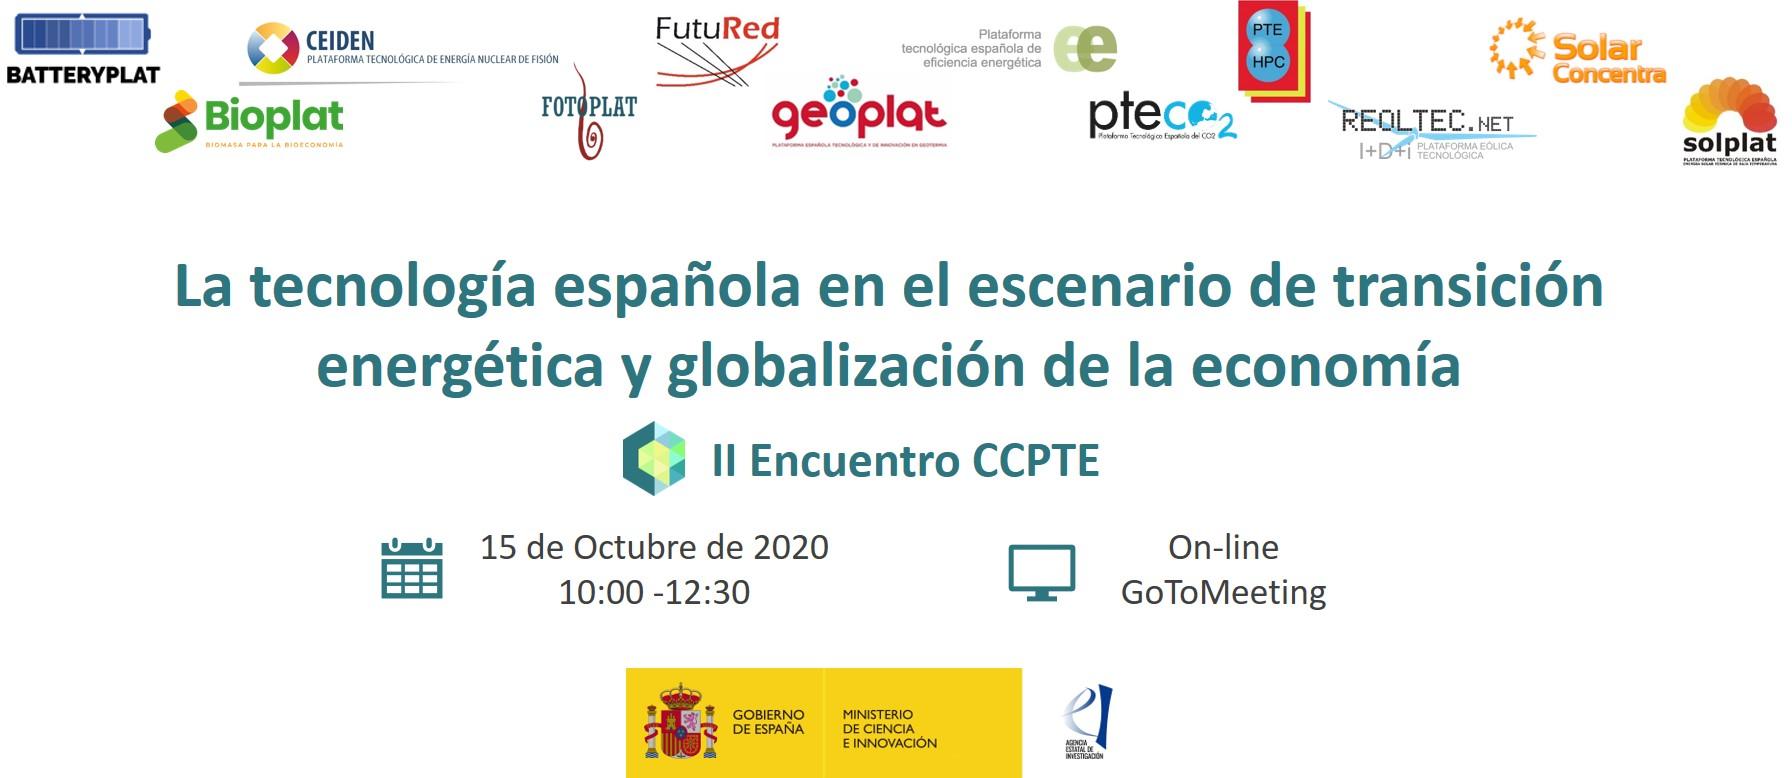 II ENCUENTRO CCPTE: LA TECNOLOGÍA ESPAÑOLA EN EL ESCENARIO DE TRANSICIÓN ENERGÉTICA Y GLOBALIZACIÓN DE LA ECONOMÍA (15 OCT 2020)